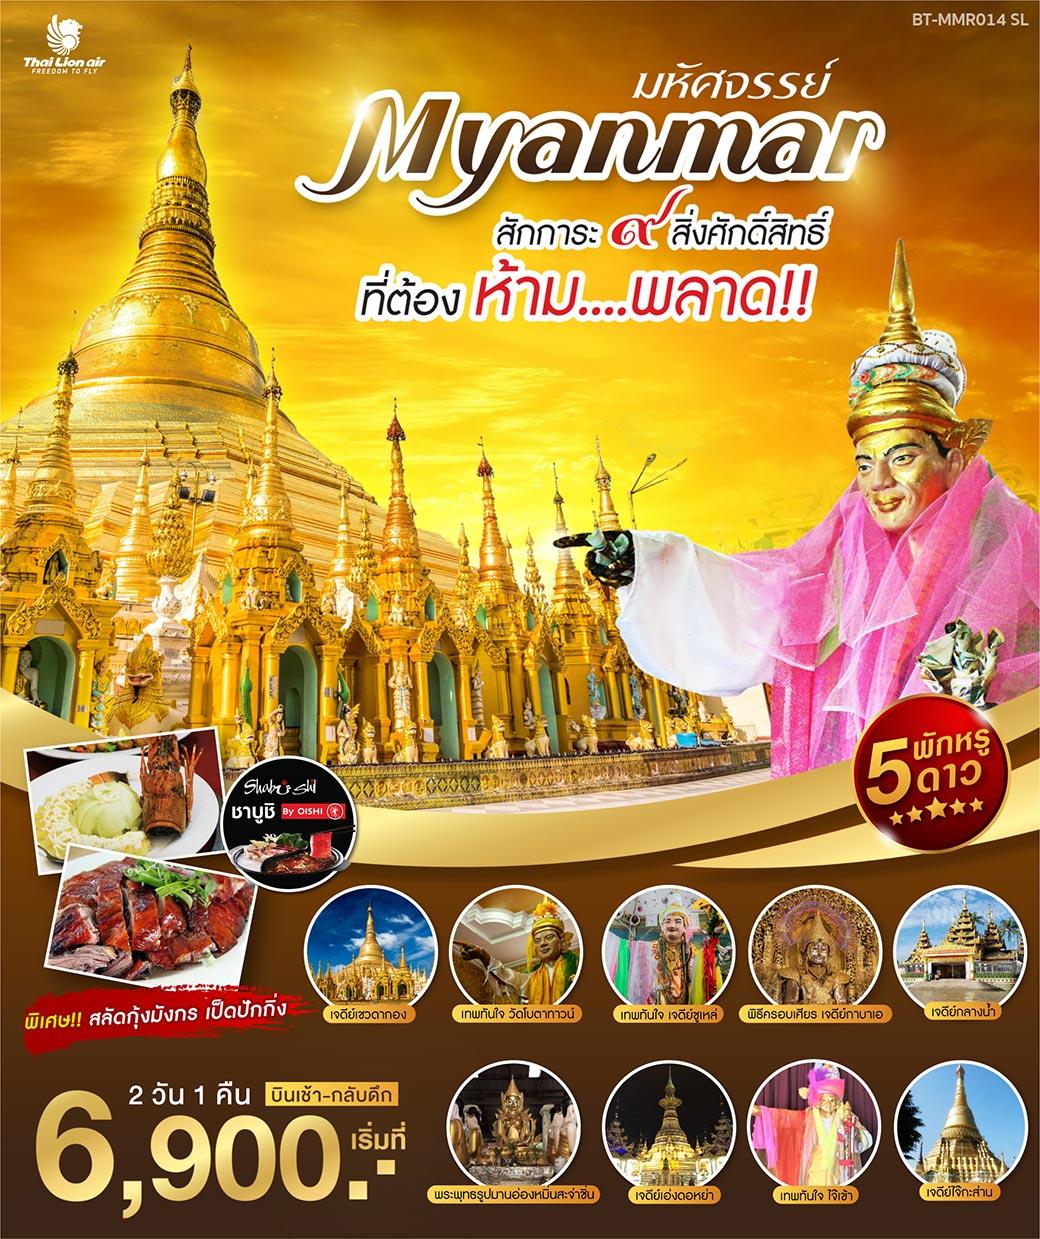 เที่ยวพม่า ทัวร์พม่า ย่างกุ้ง สิเรียม สักการะ 9 สิ่งศักดิ์สิทธิ์ 2วัน 1คืน บินไทยไลอ้อนแอร์ (SL)